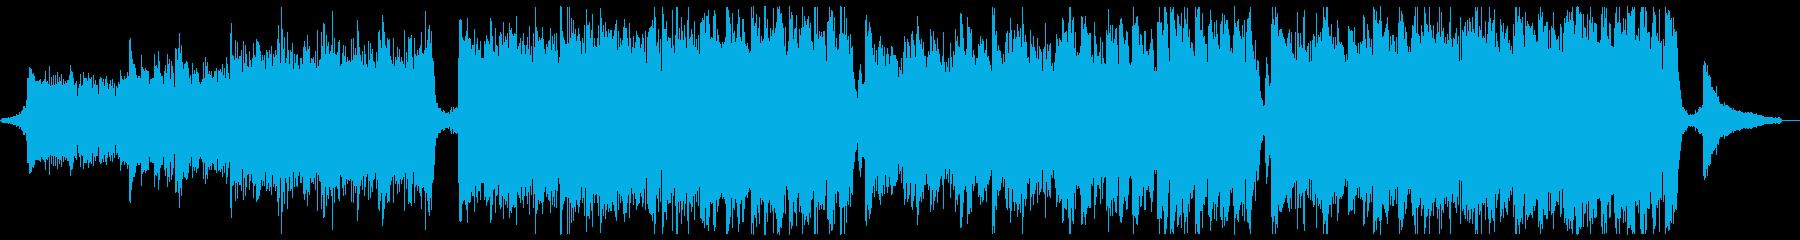 スポーツ格闘オーケストラ:効果音抜きの再生済みの波形